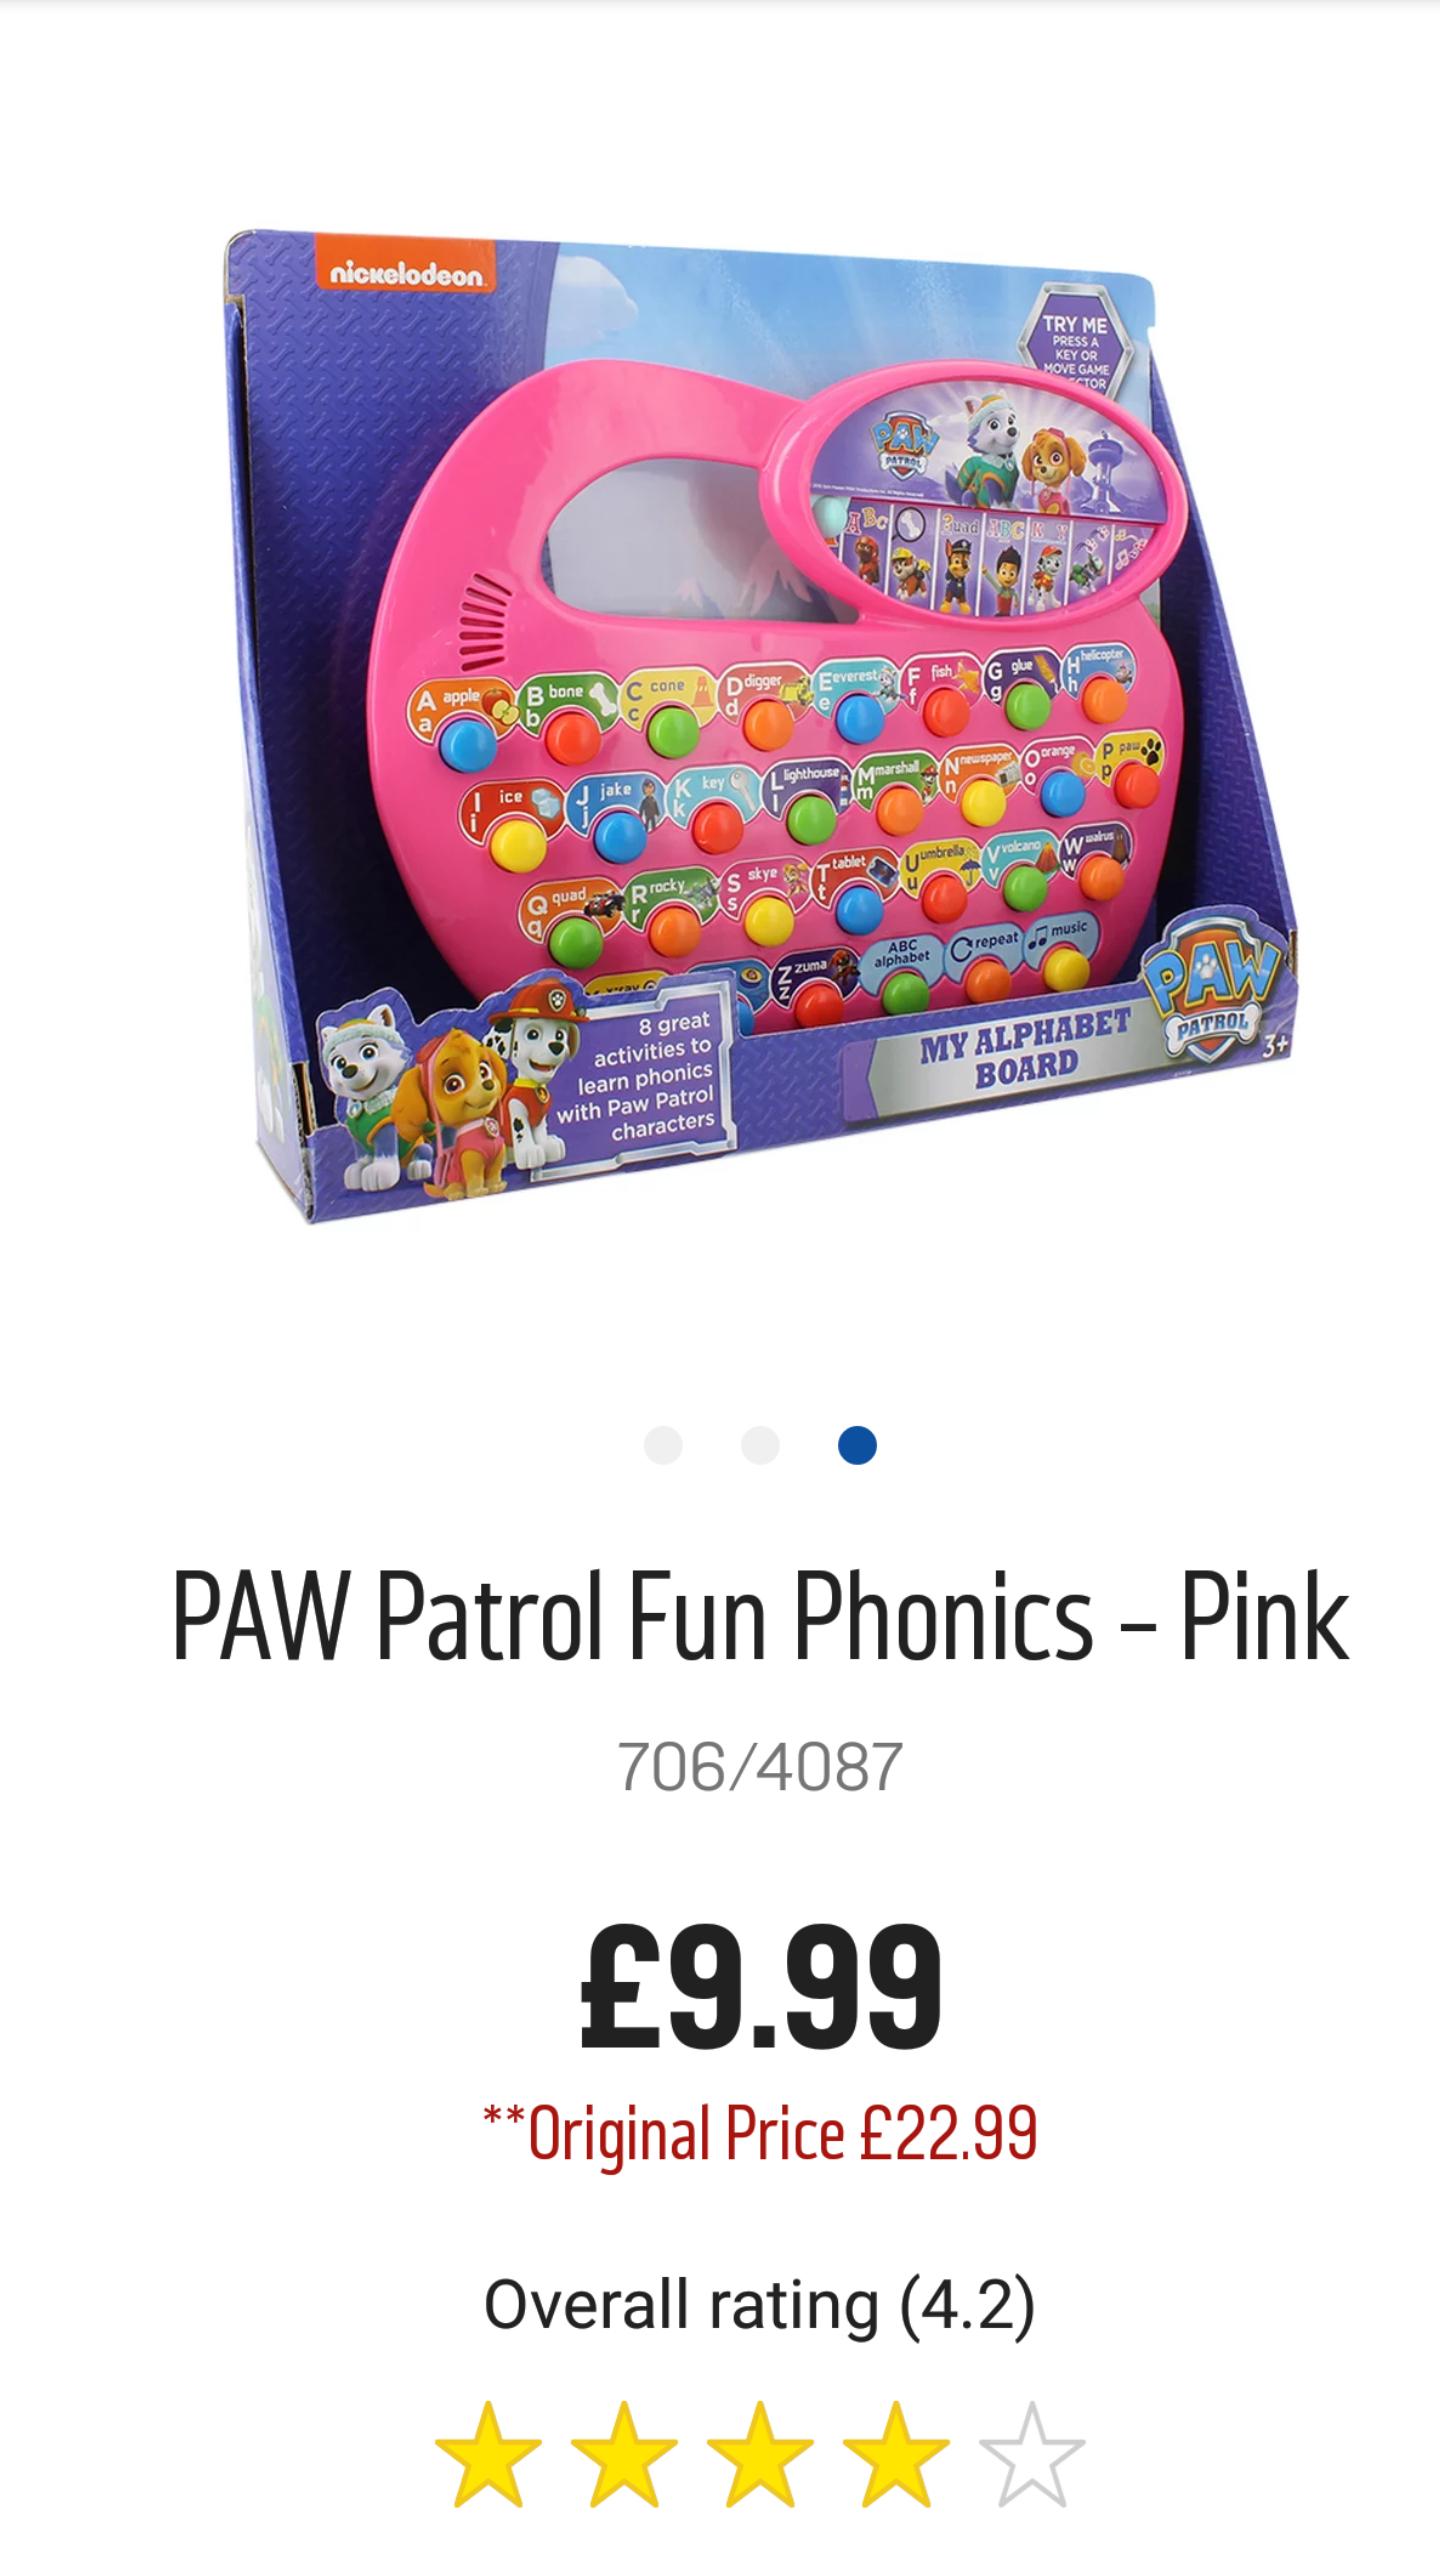 PAW Patrol Fun Phonics - Pink - Argos - £9.99